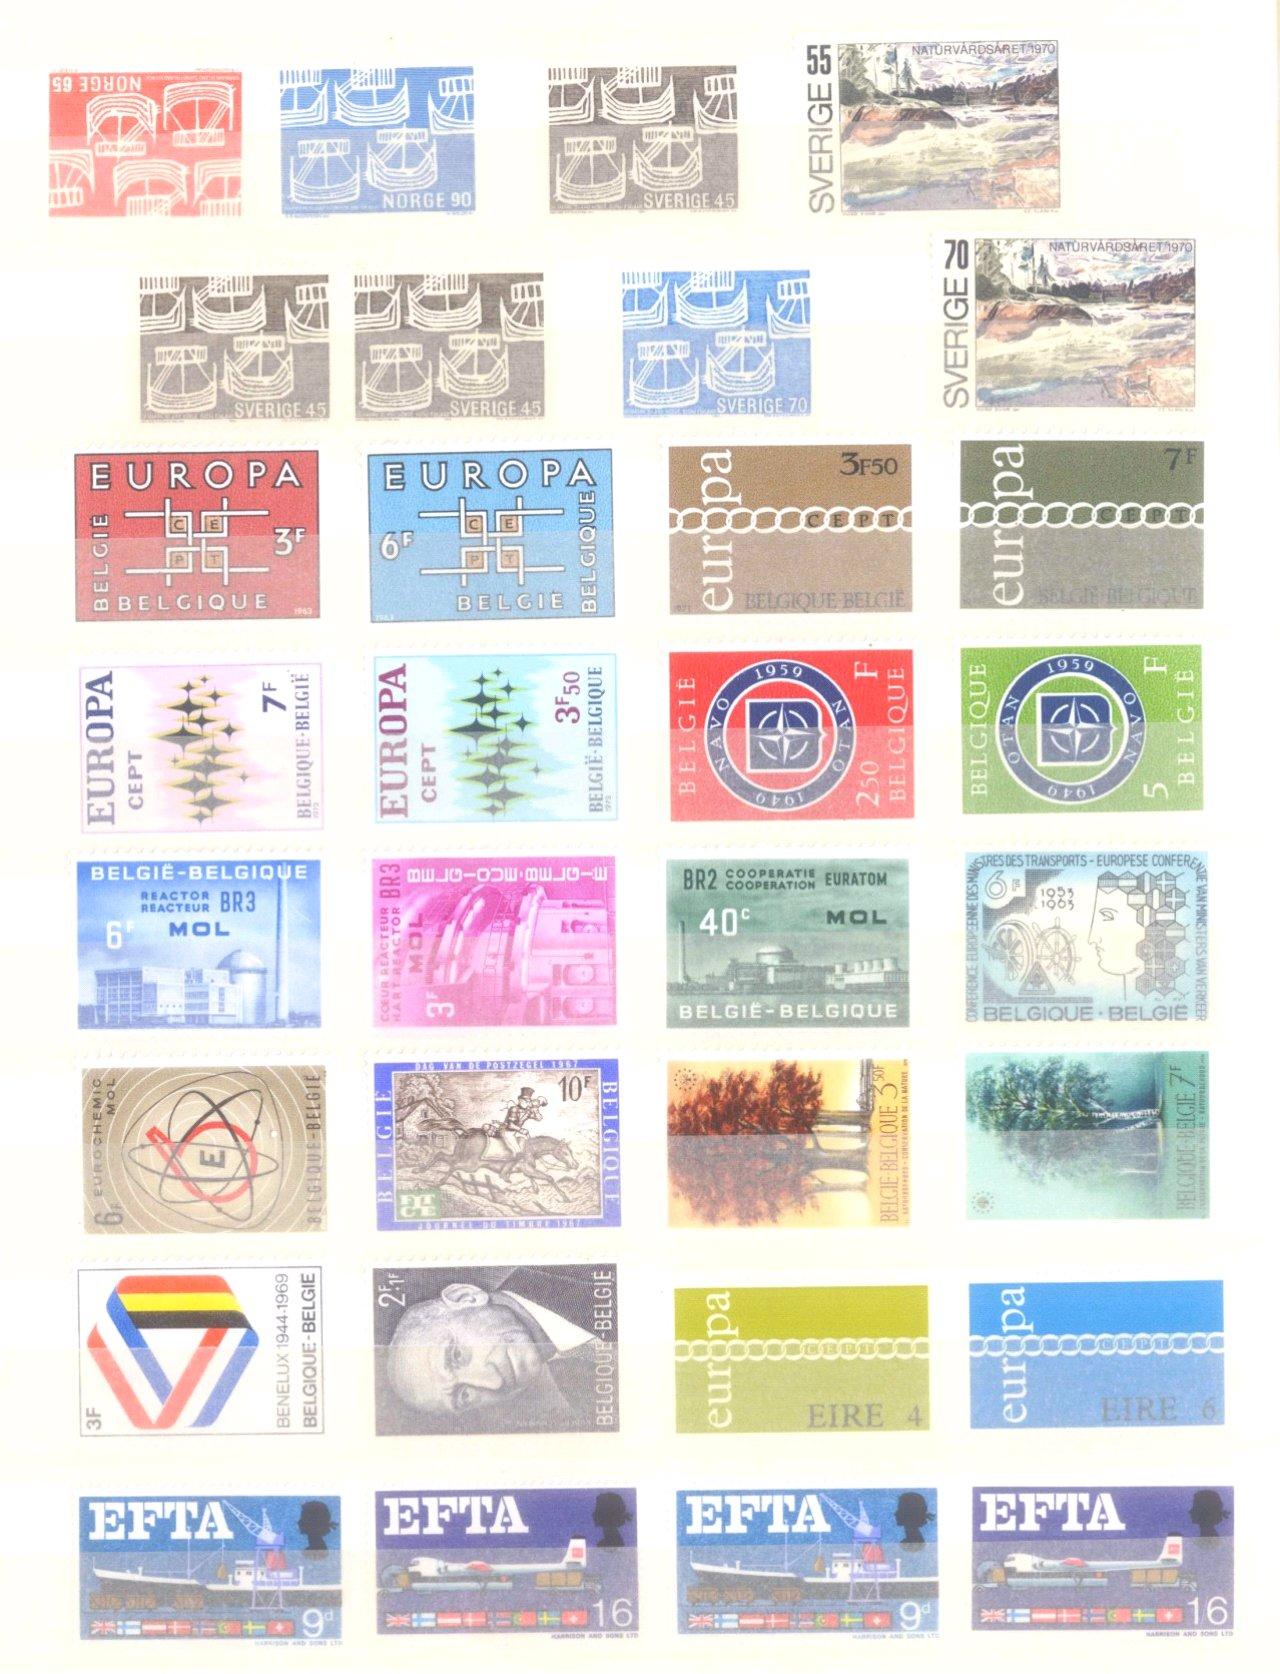 EURROPA CEPT mit SPANISCH – ANDORRA 1972-13